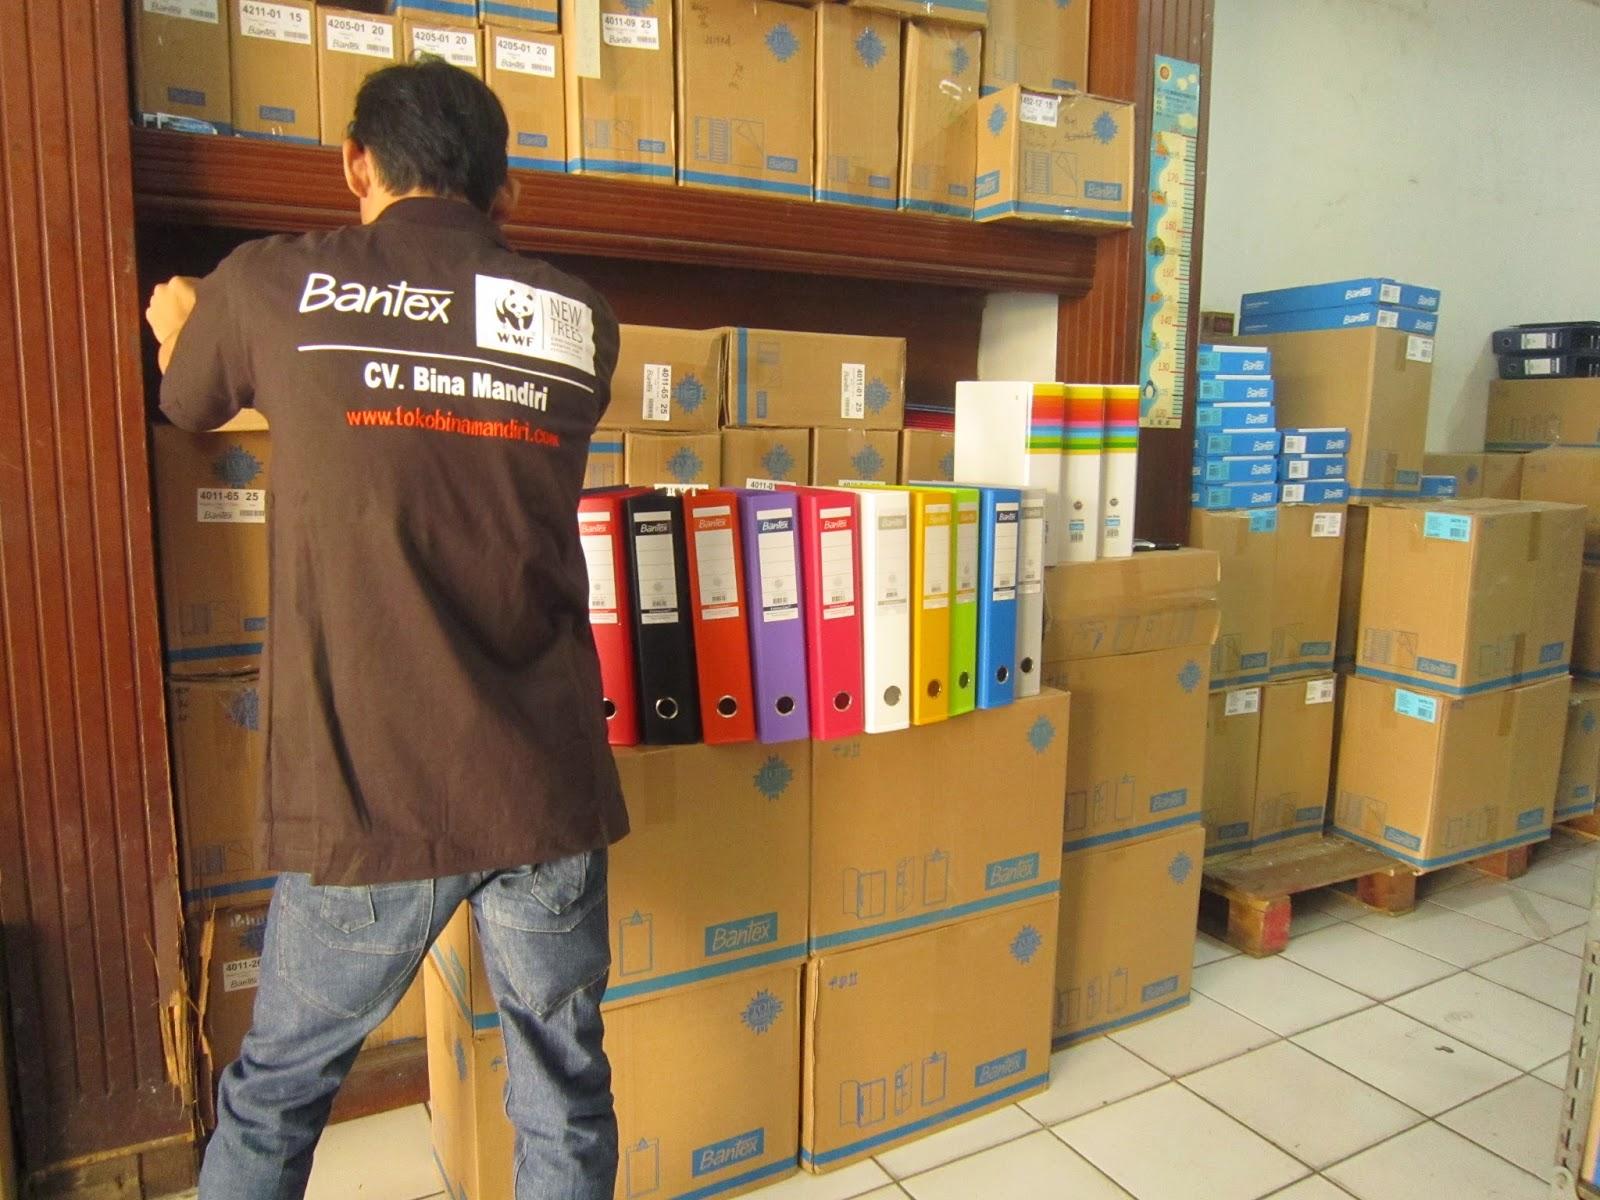 Agen Atk Murah Agustus 2014 Bantex Mouse Pad Red 1788 09 Supplier Perlengkapan Kantor Merek Termurah Di Mangga Dua Jakarta Pusat